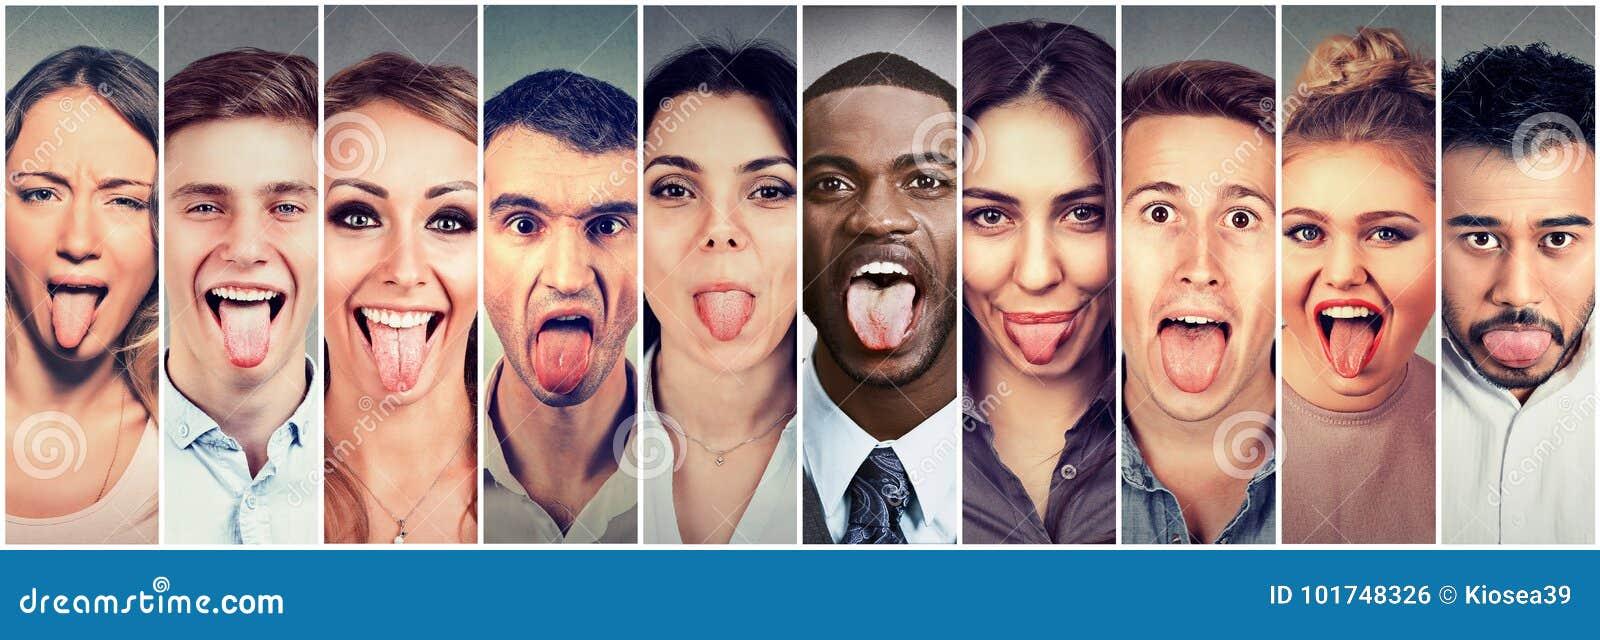 Groep multiculturele jongerenmannen en vrouwen die uit hun tongen plakken